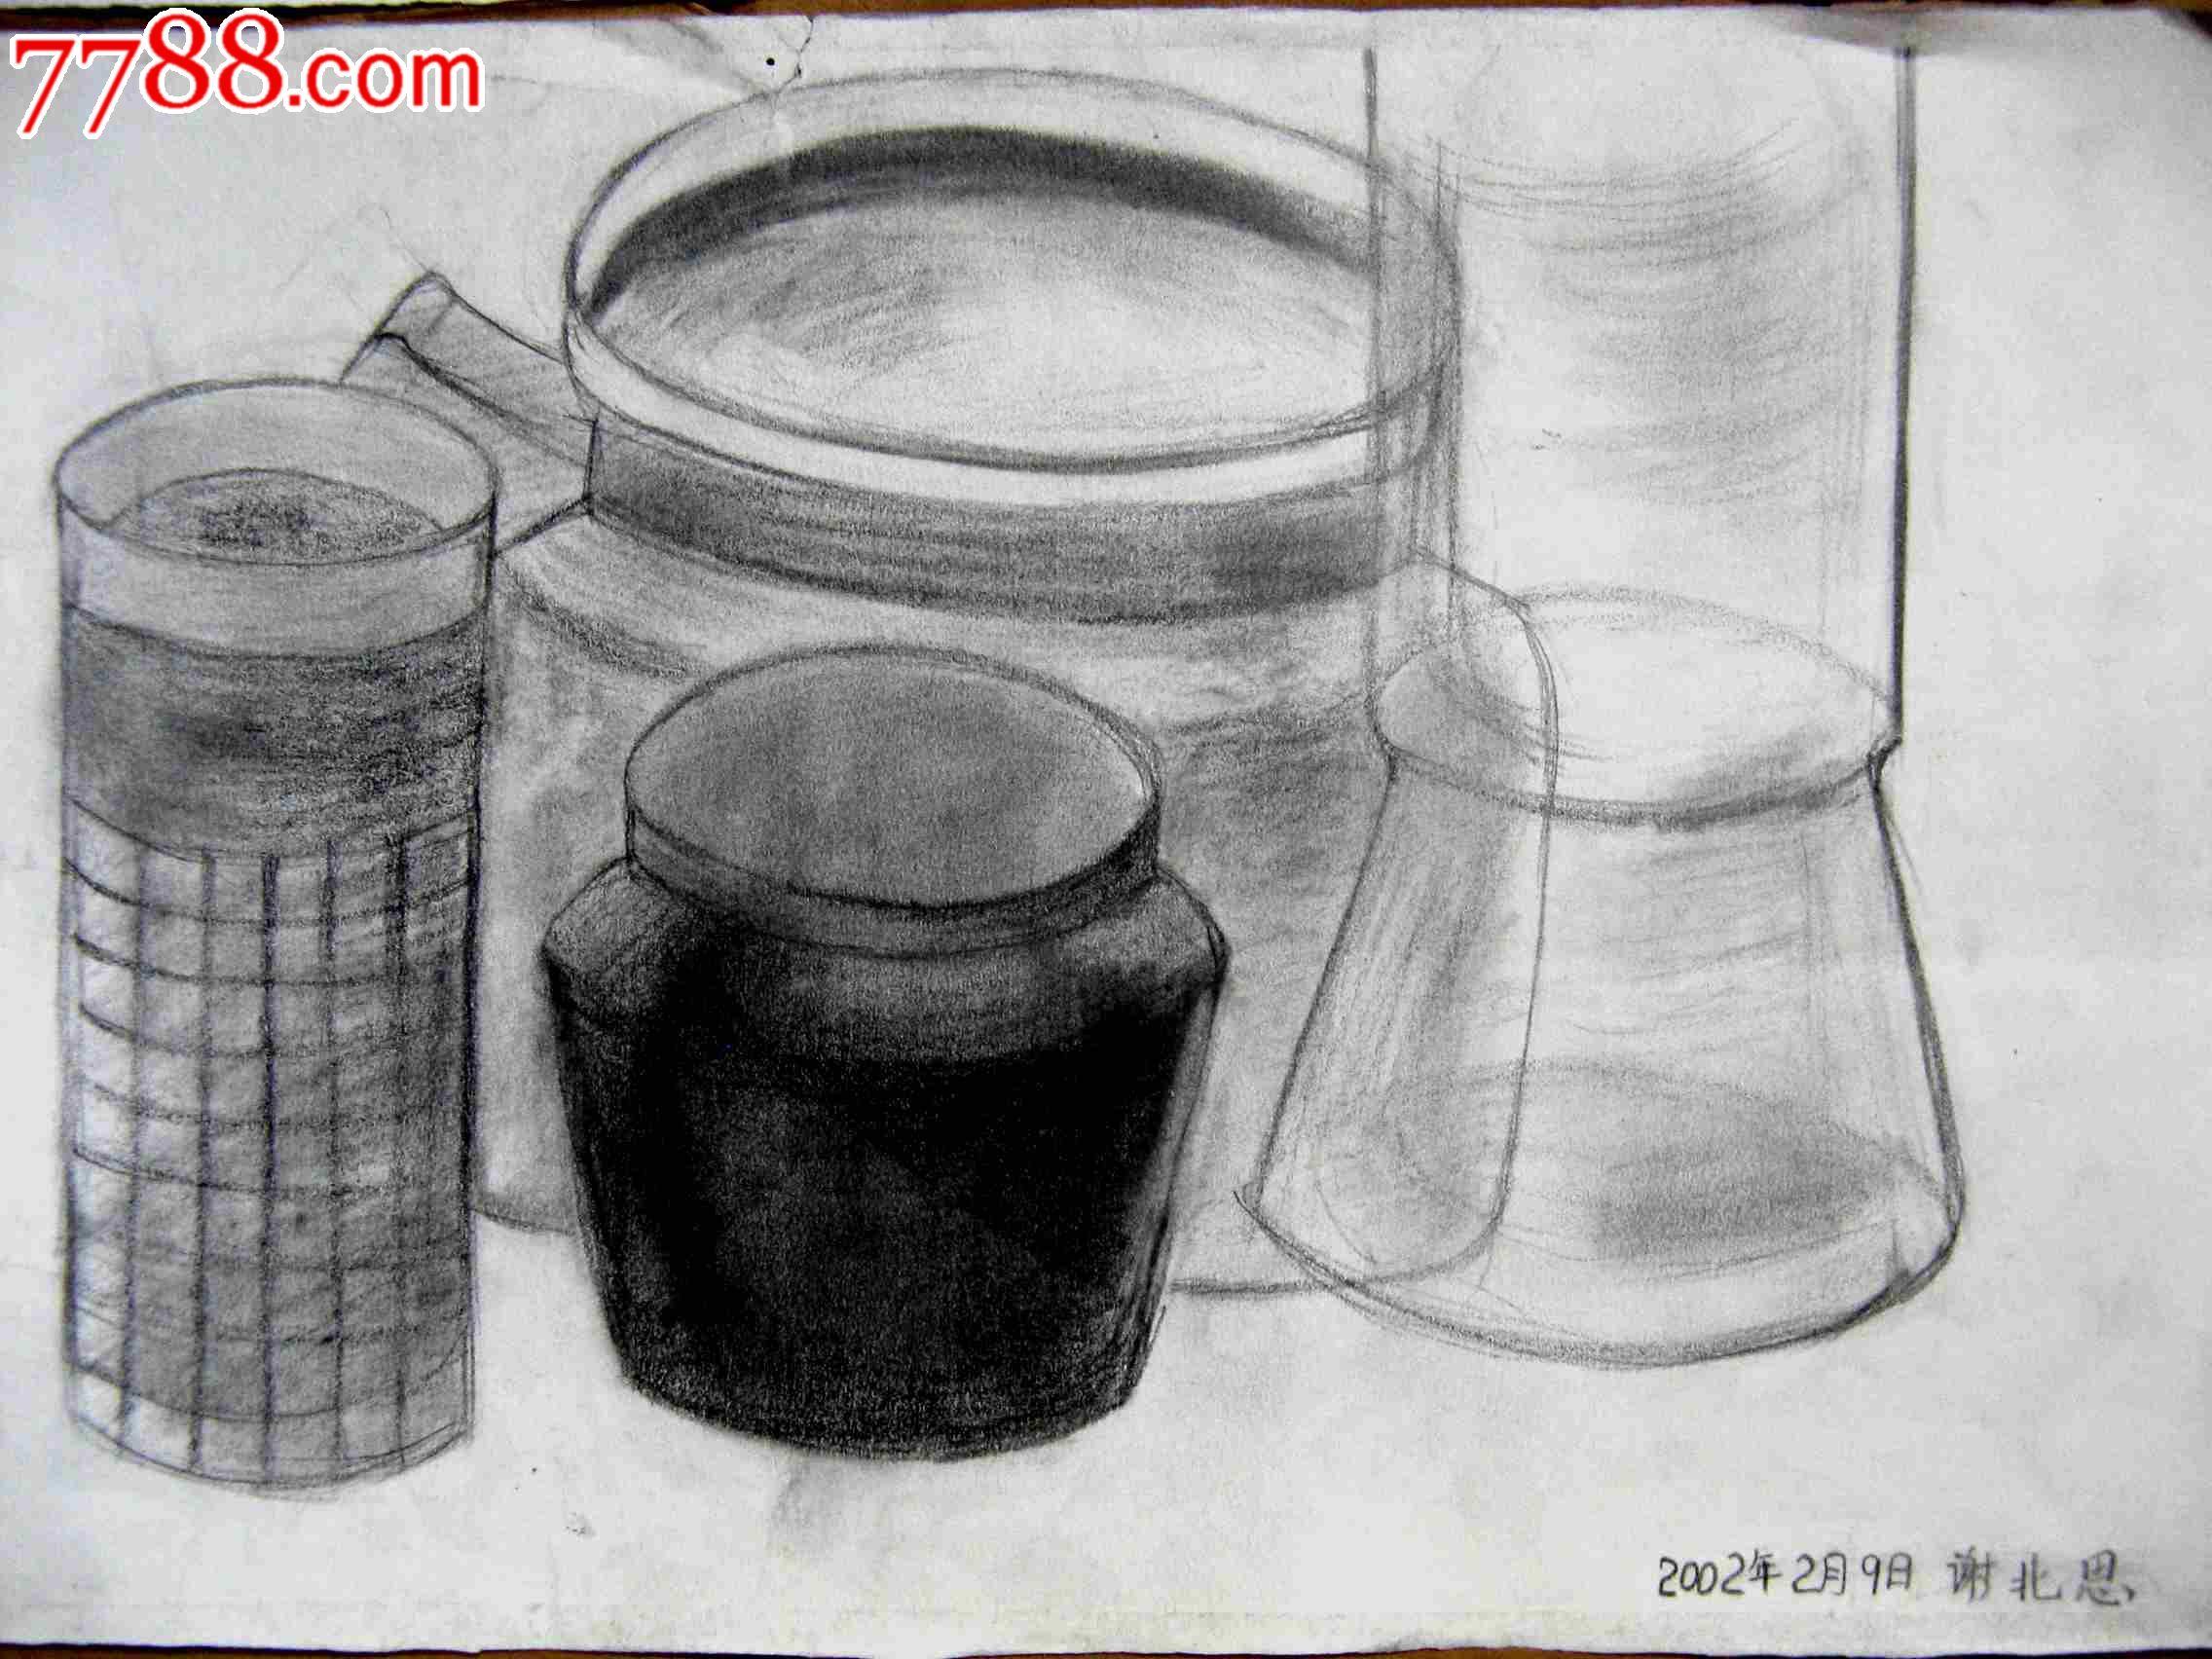 铅笔素描画2幅:静物几何图形图片